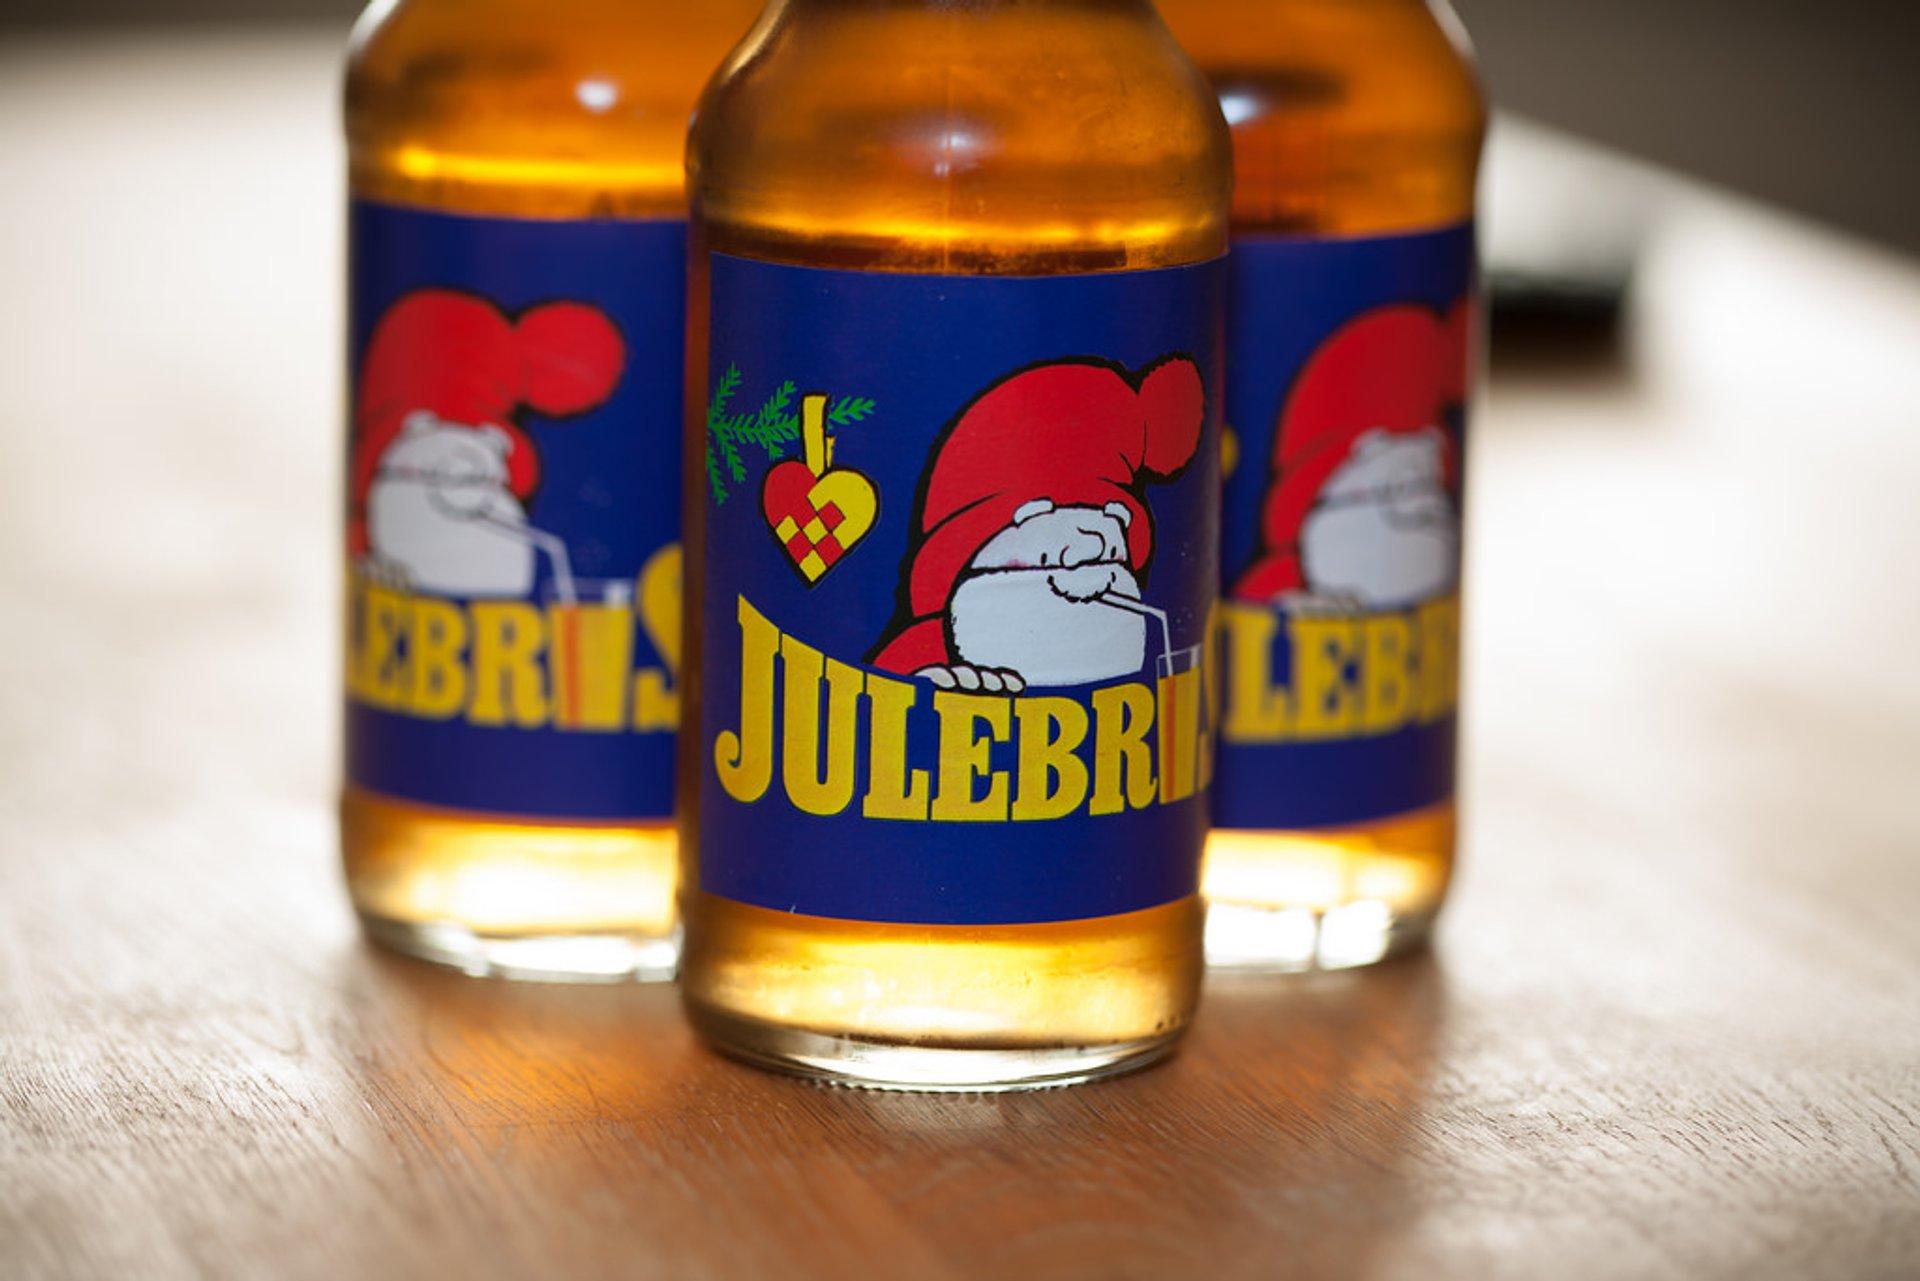 Julebrus or Christmas Soda in Norway 2020 - Best Time